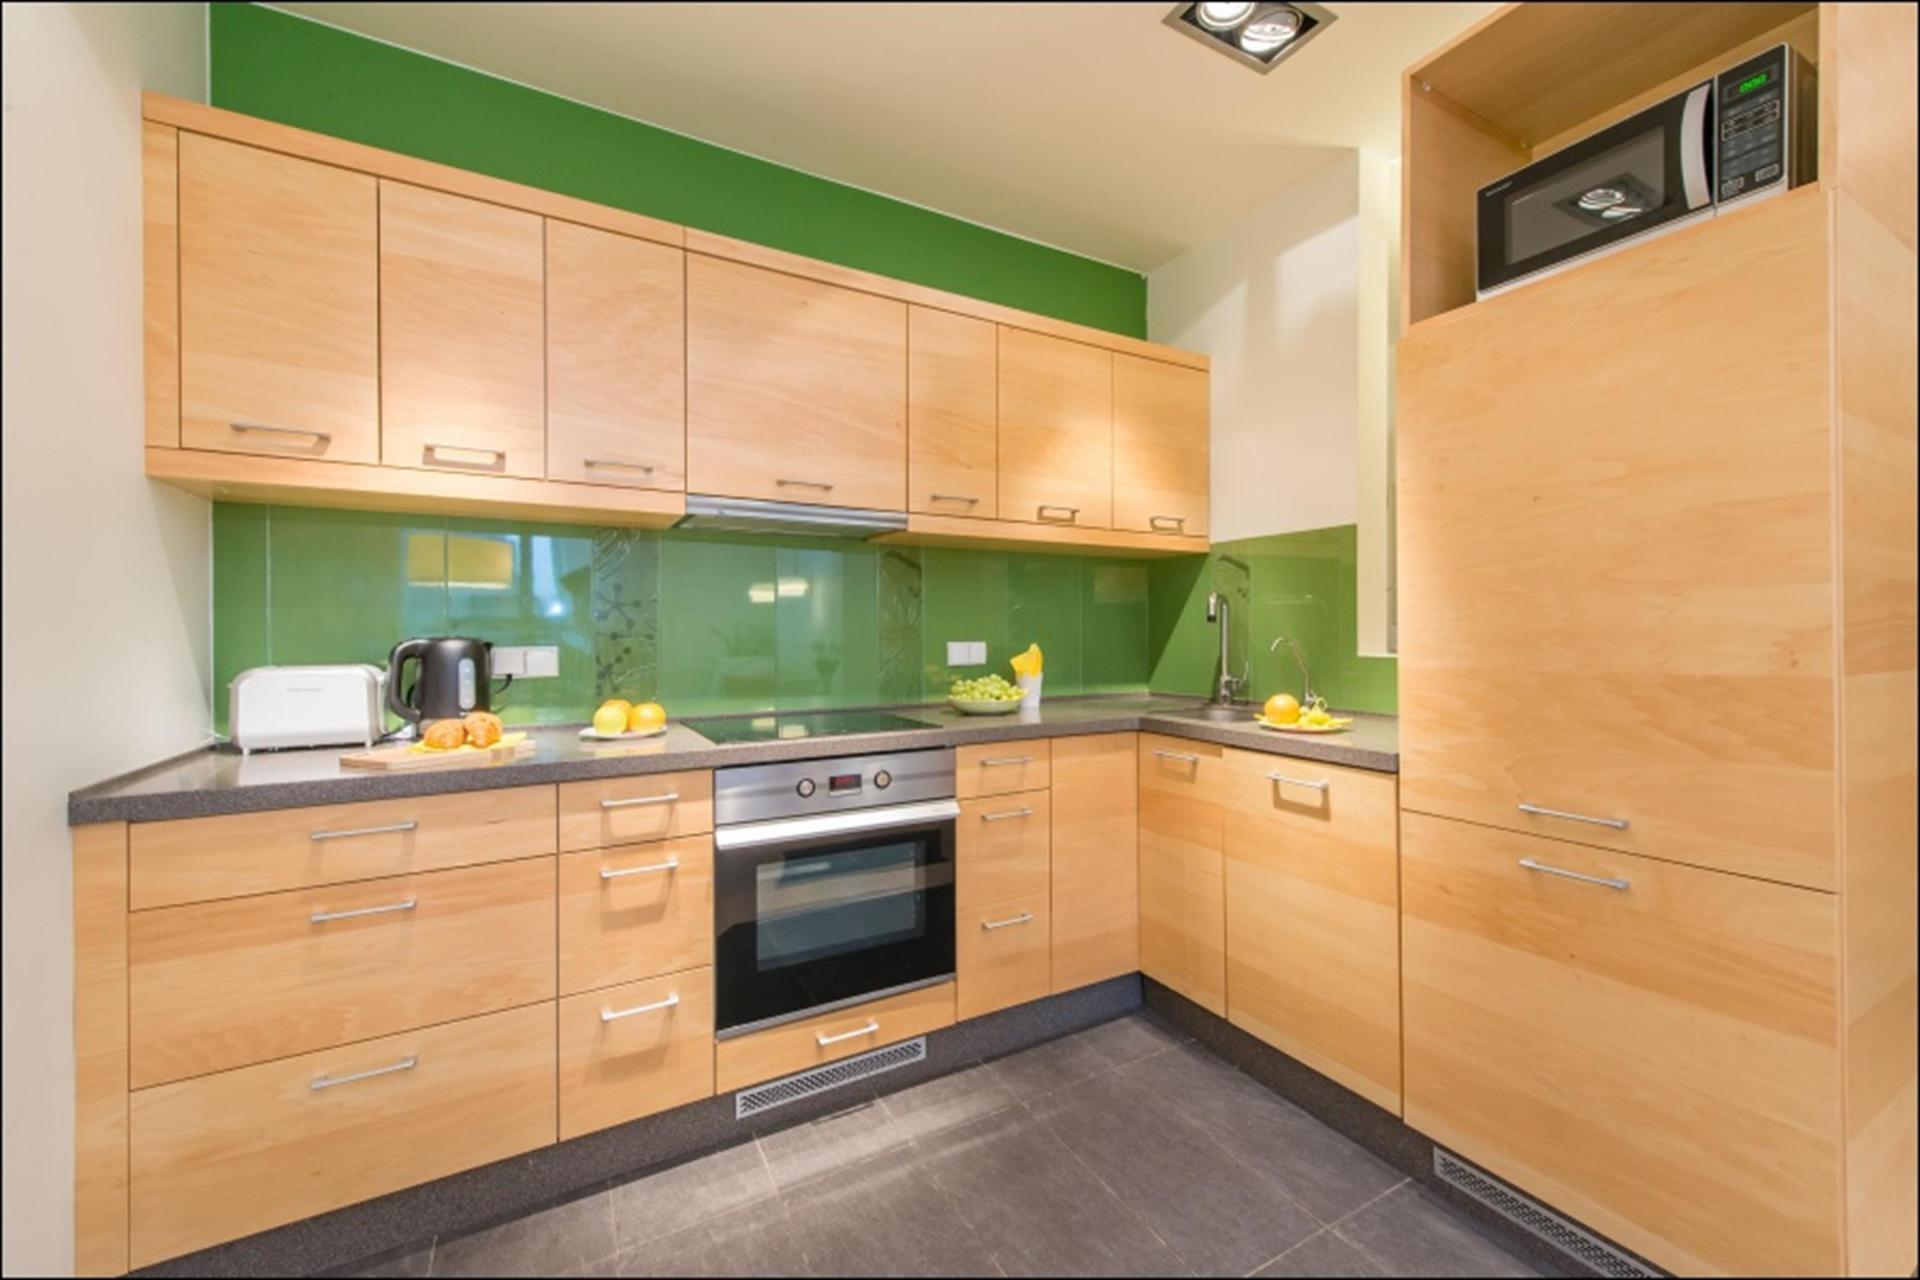 Kitchen at Wilanow 6 Apartments, Wilanów, Warsaw - Citybase Apartments